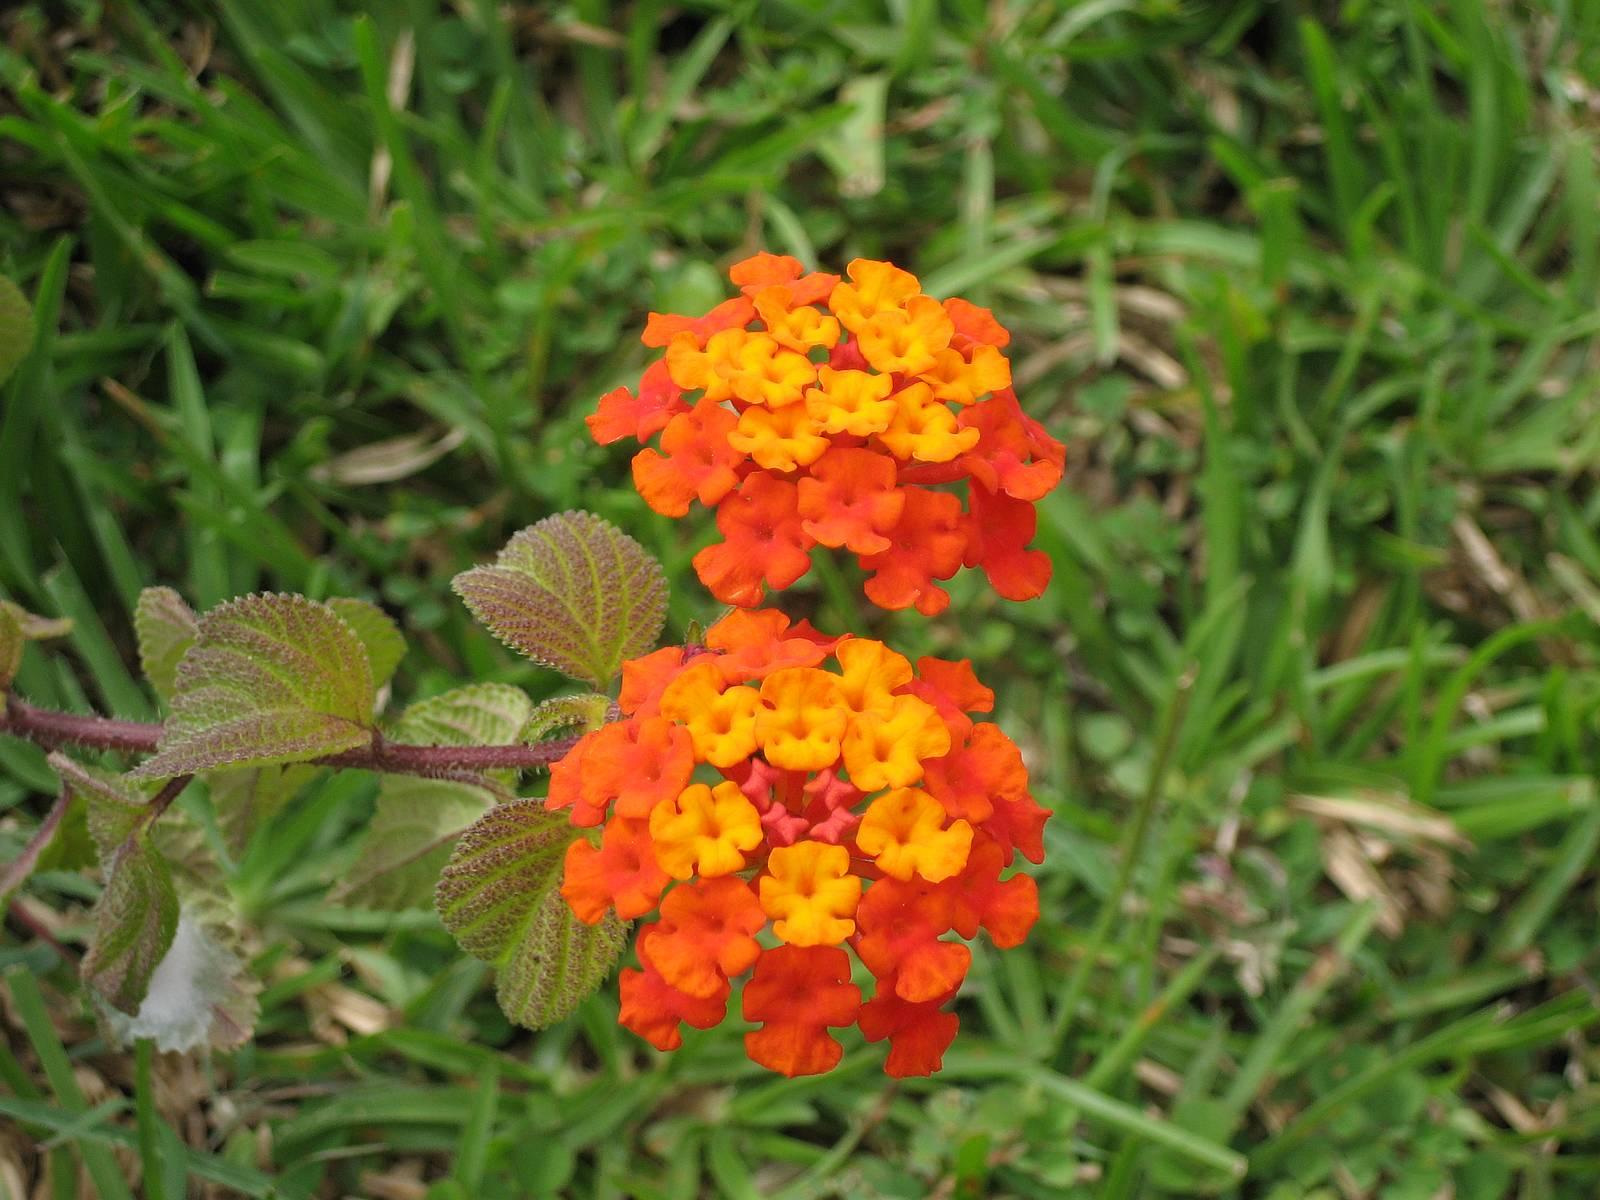 http://2.bp.blogspot.com/-D3dqWPQ2ZJ4/TfZSvzu9D2I/AAAAAAAAAJg/AWGP2csOE5E/s1600/Orange+Flowers+Wallpaper6.jpg